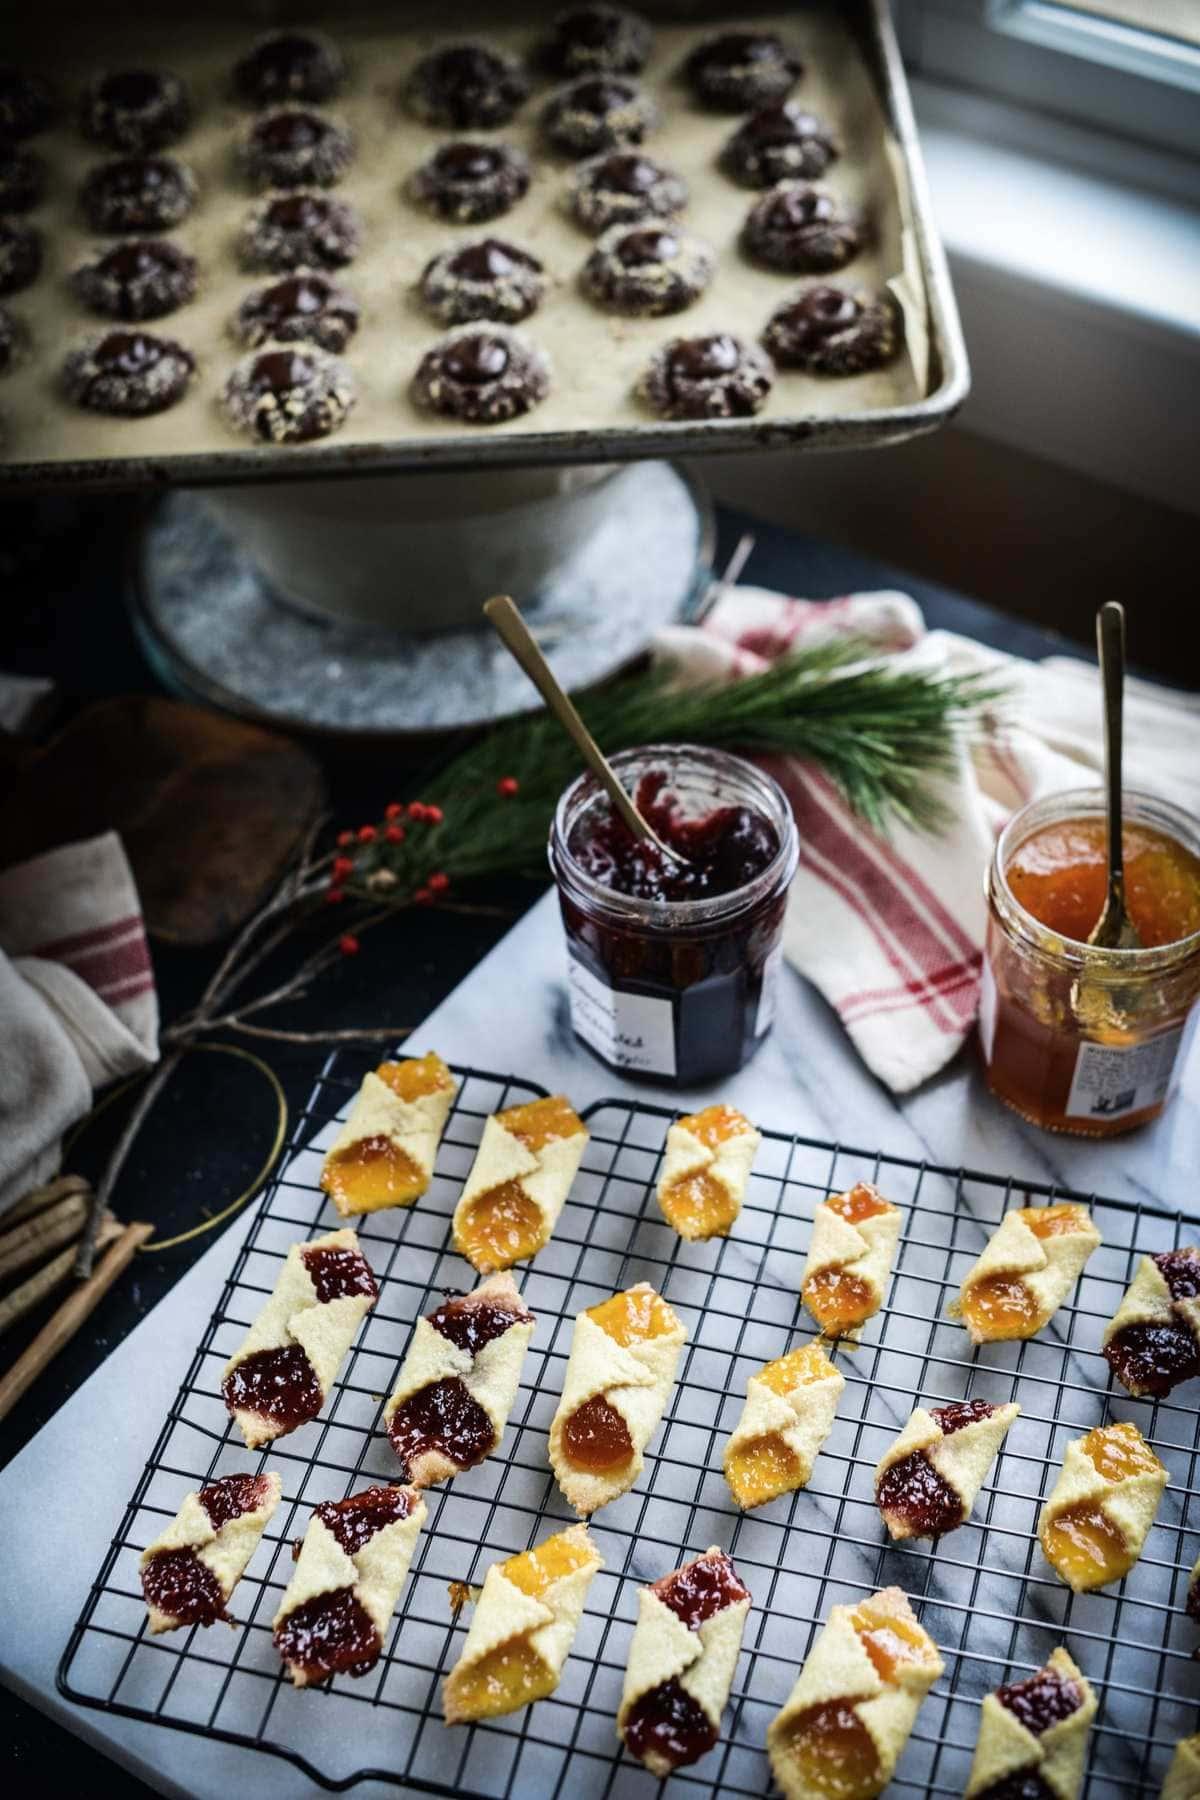 Fare Isle | Vegan Apricot and Raspberry Jam Kolache (Kołaczki) Cookies